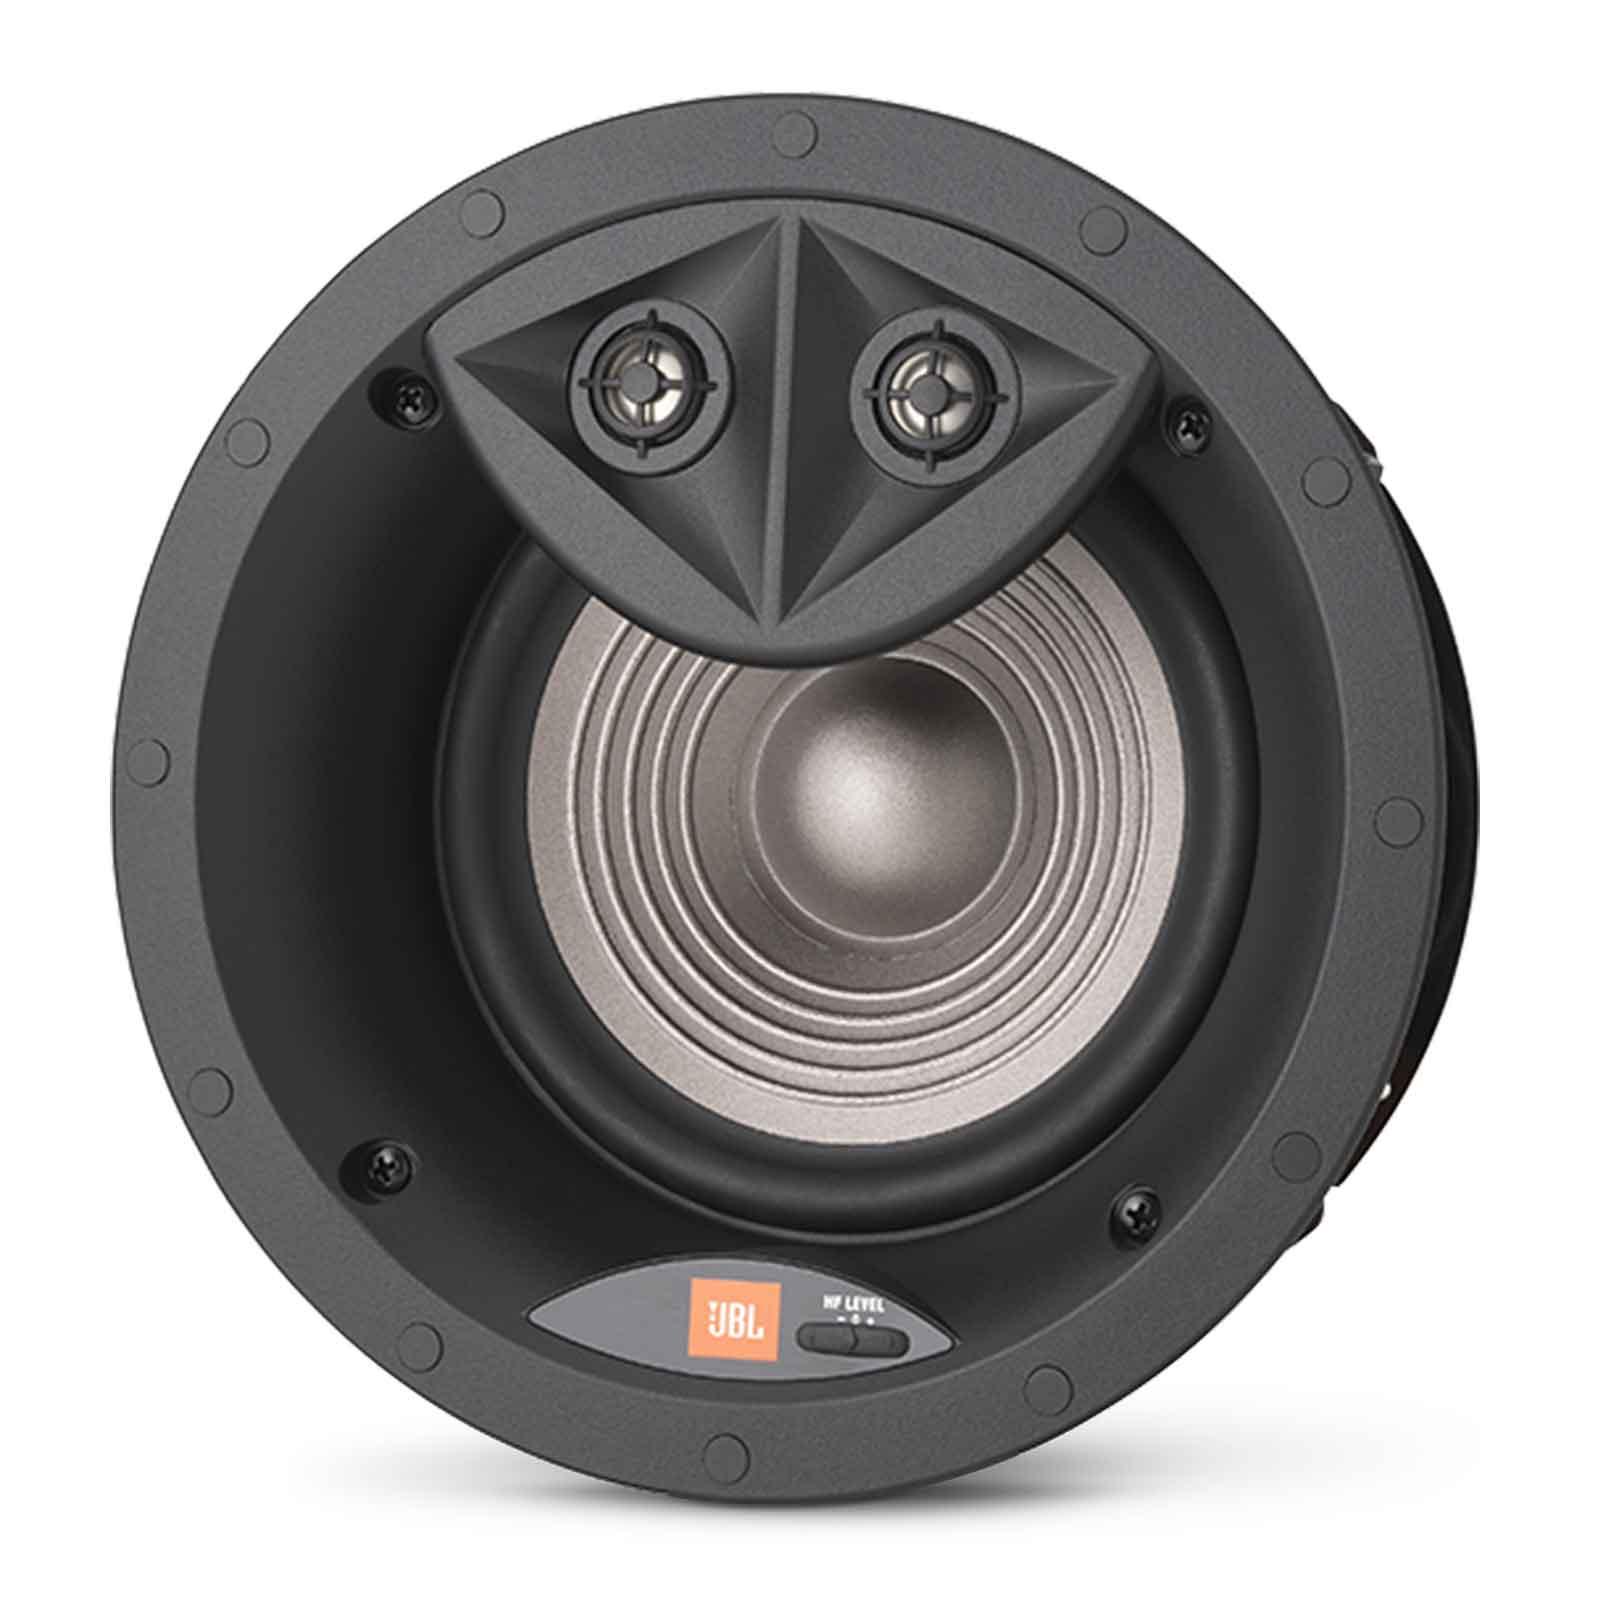 jbl speakers ceiling with waveguide speaker hr and swiveling tweeter way eos pair